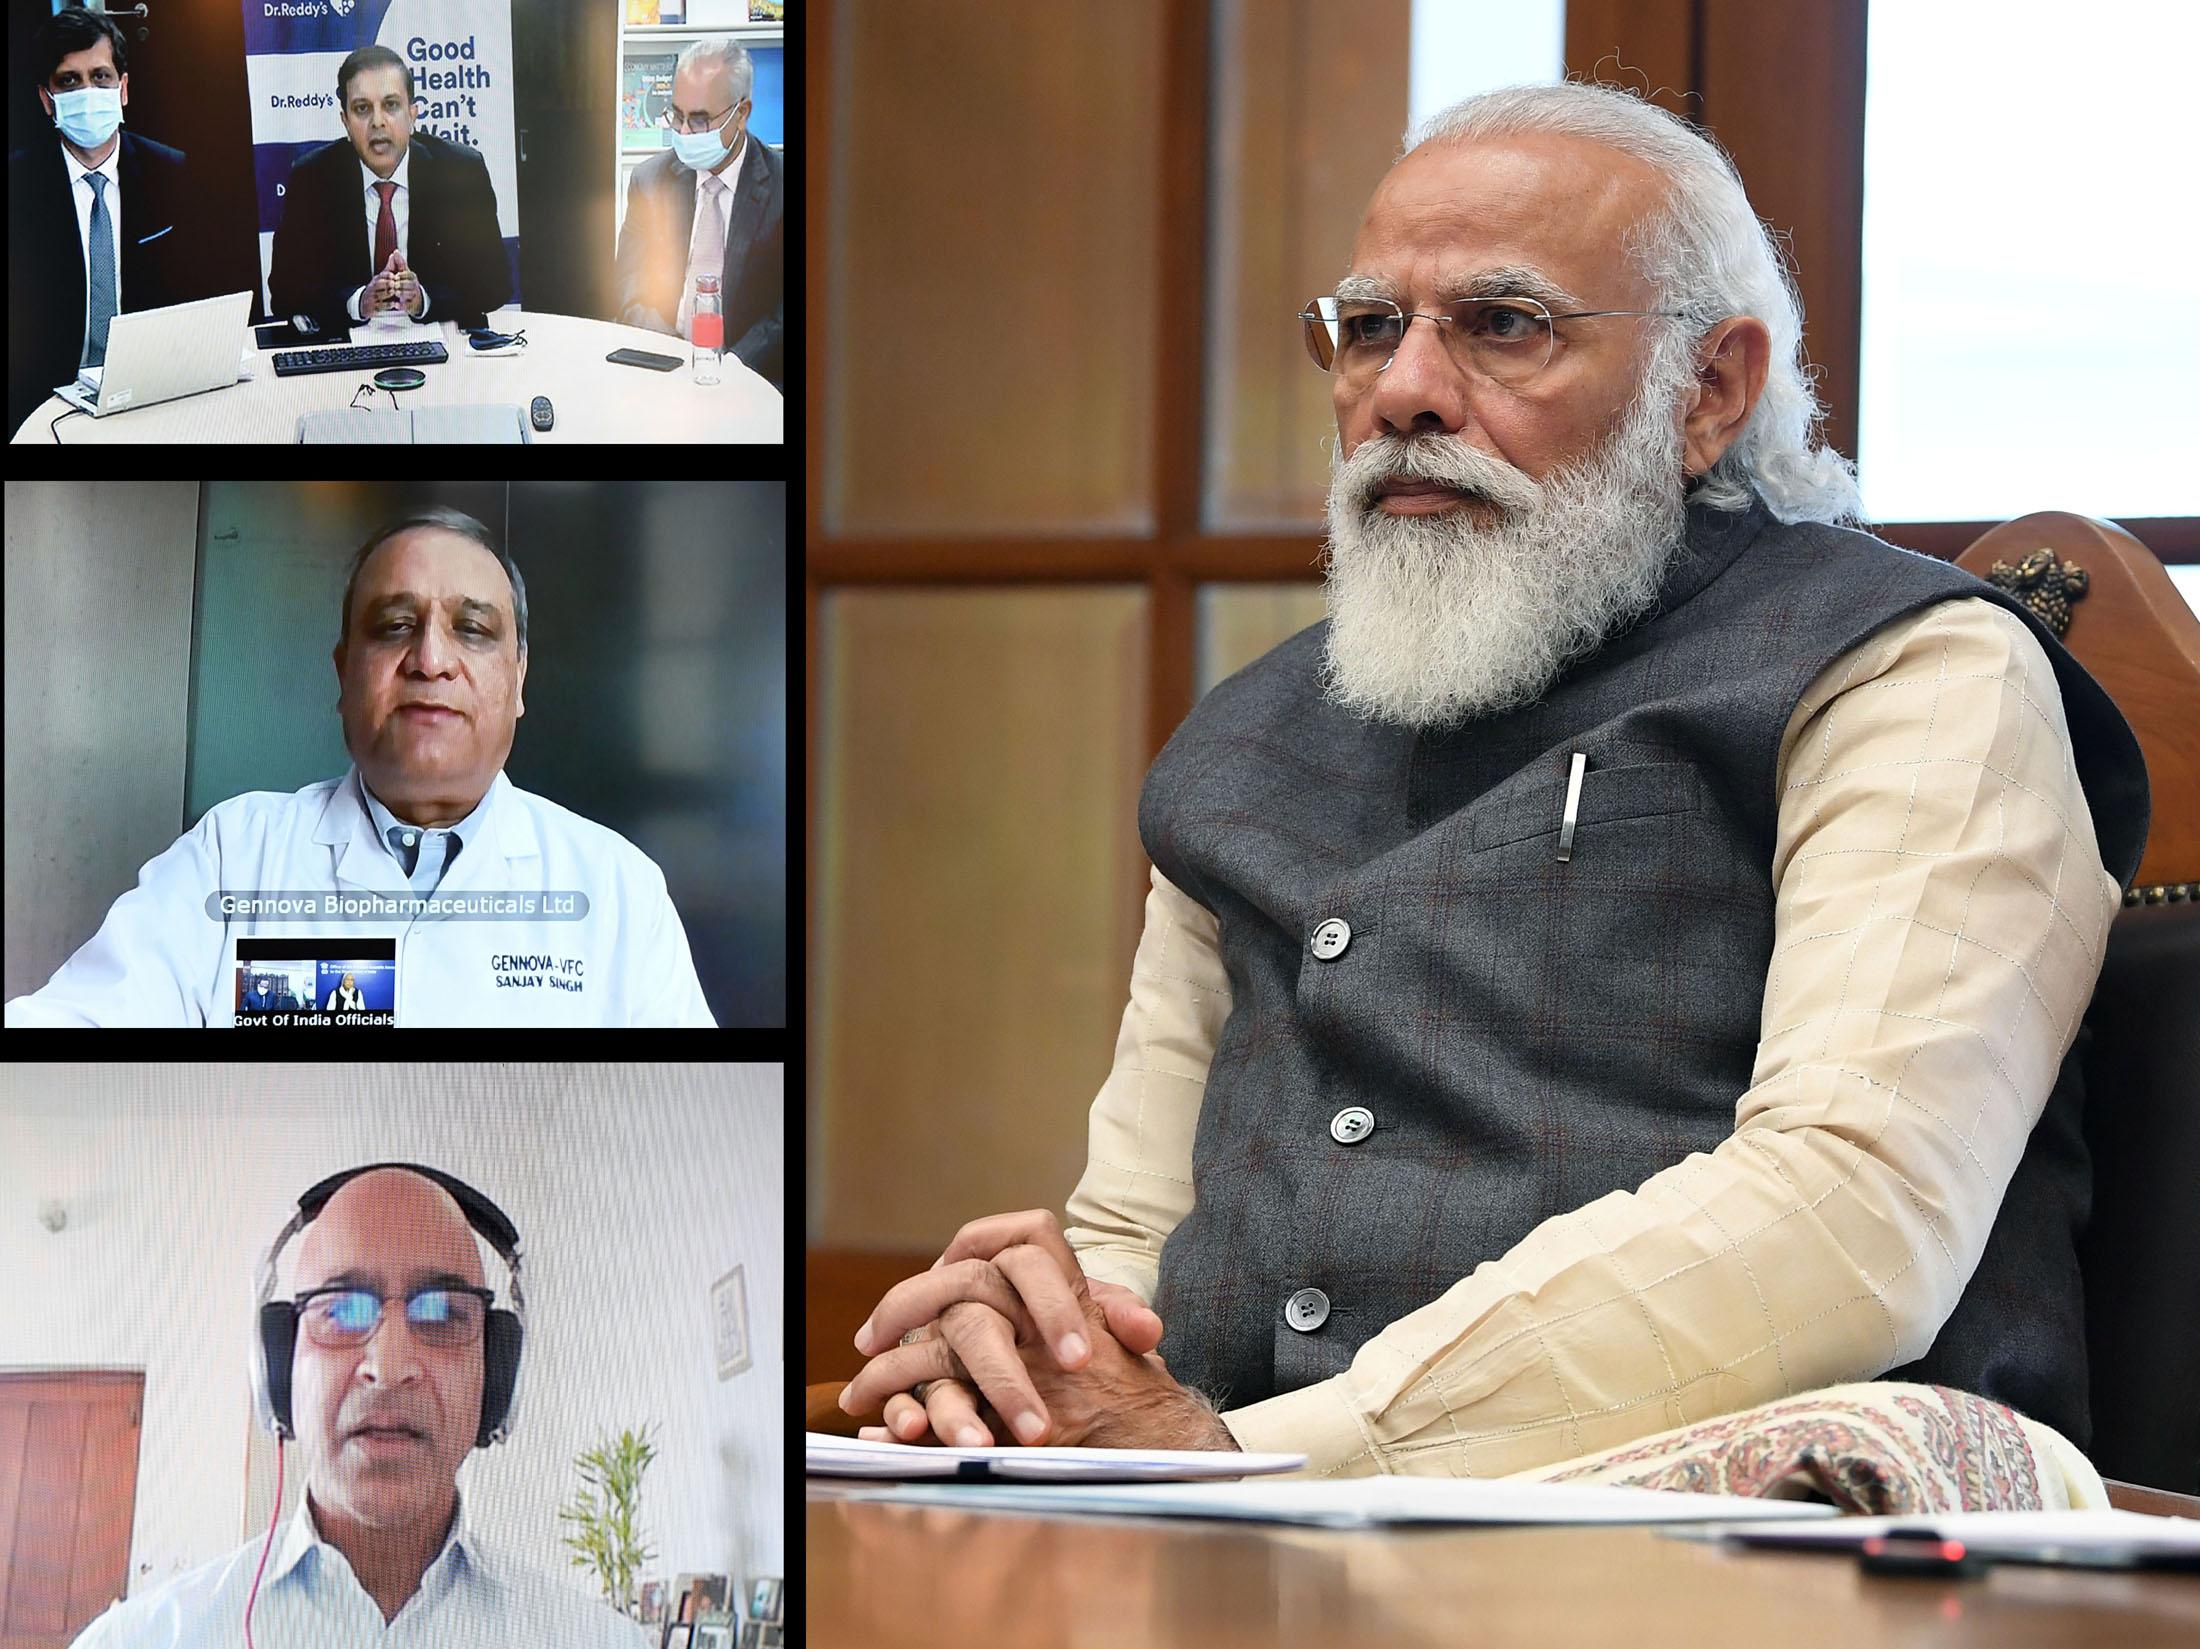 हाल ही में प्रधानमंत्री नरेंद्र मोदी ने देश के तीन संस्थानों में बन रहे वैक्सीन की जानकारी ली थी।